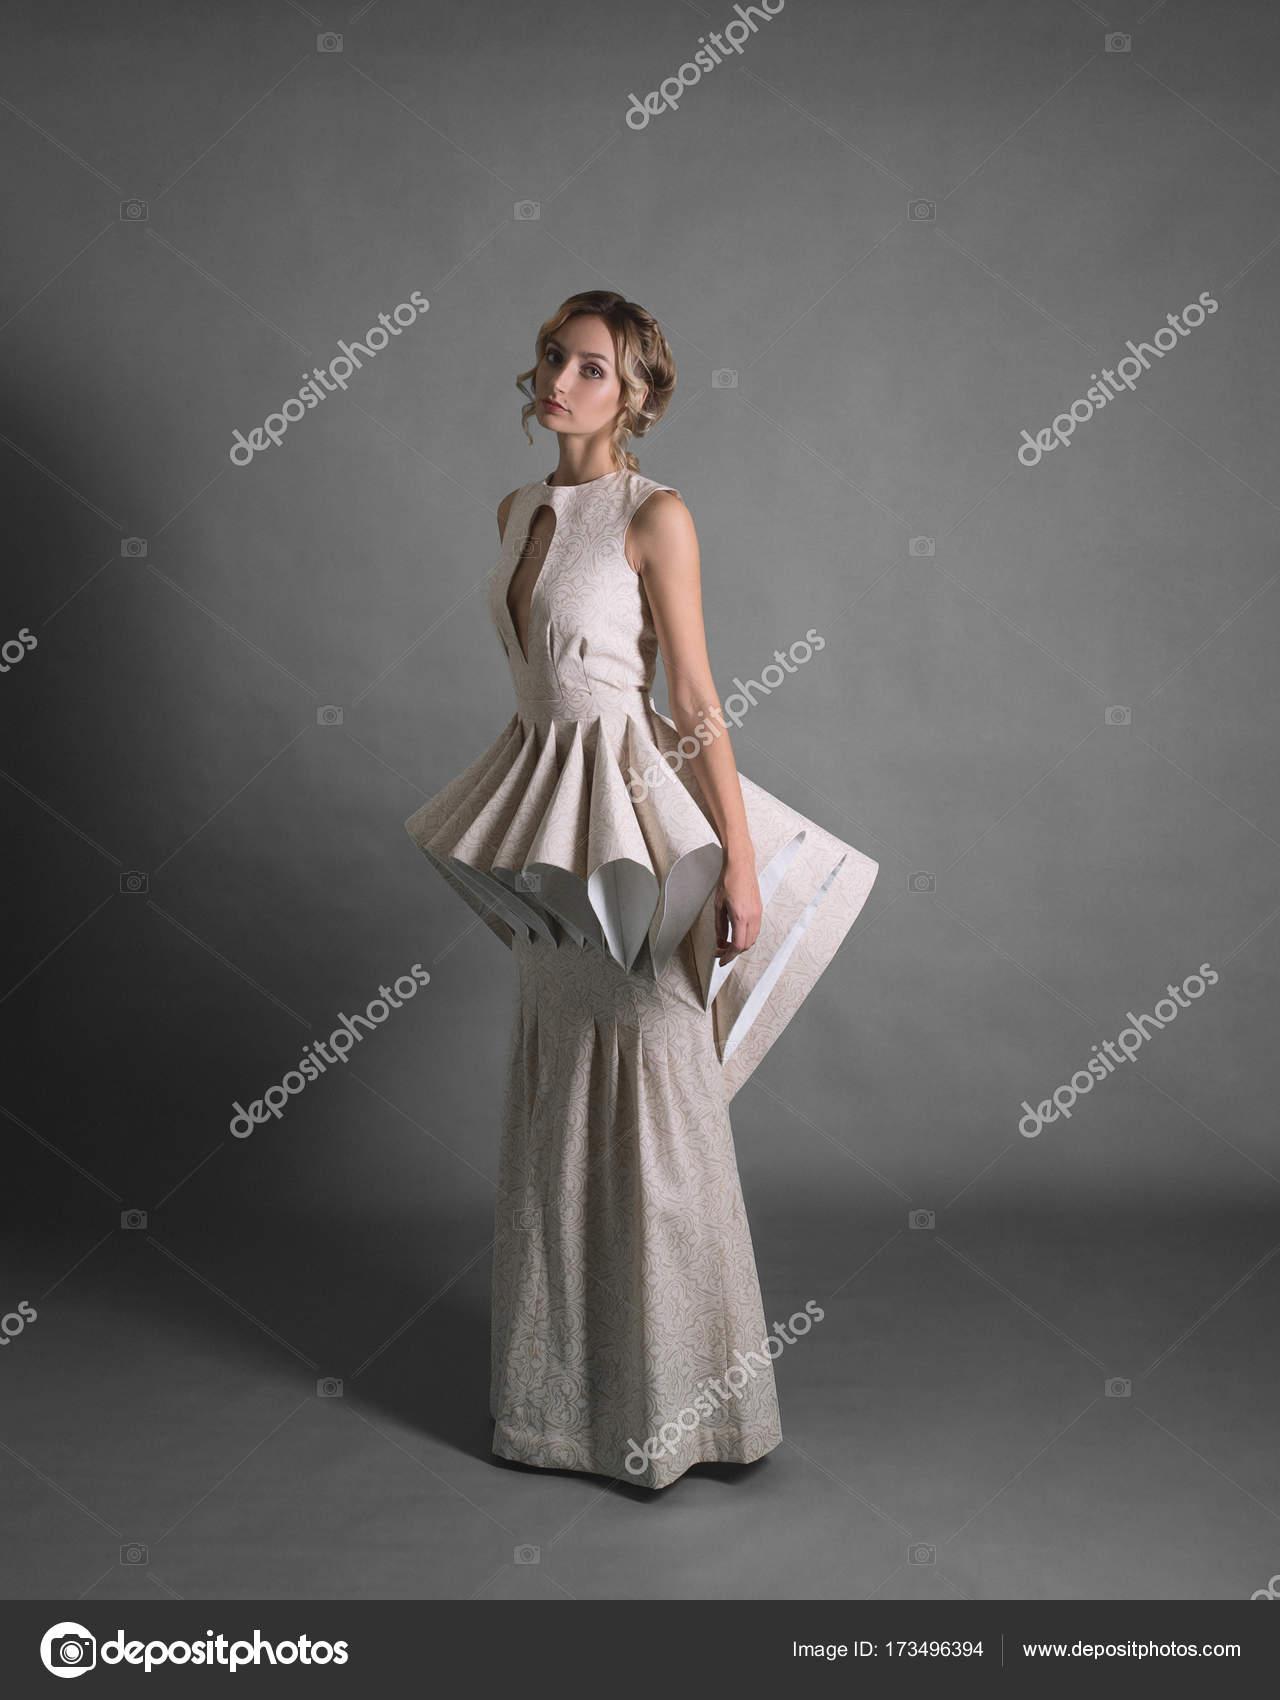 Stilvolle Frau in einem weißen Kleid — Stockfoto © Kulichok #173496394